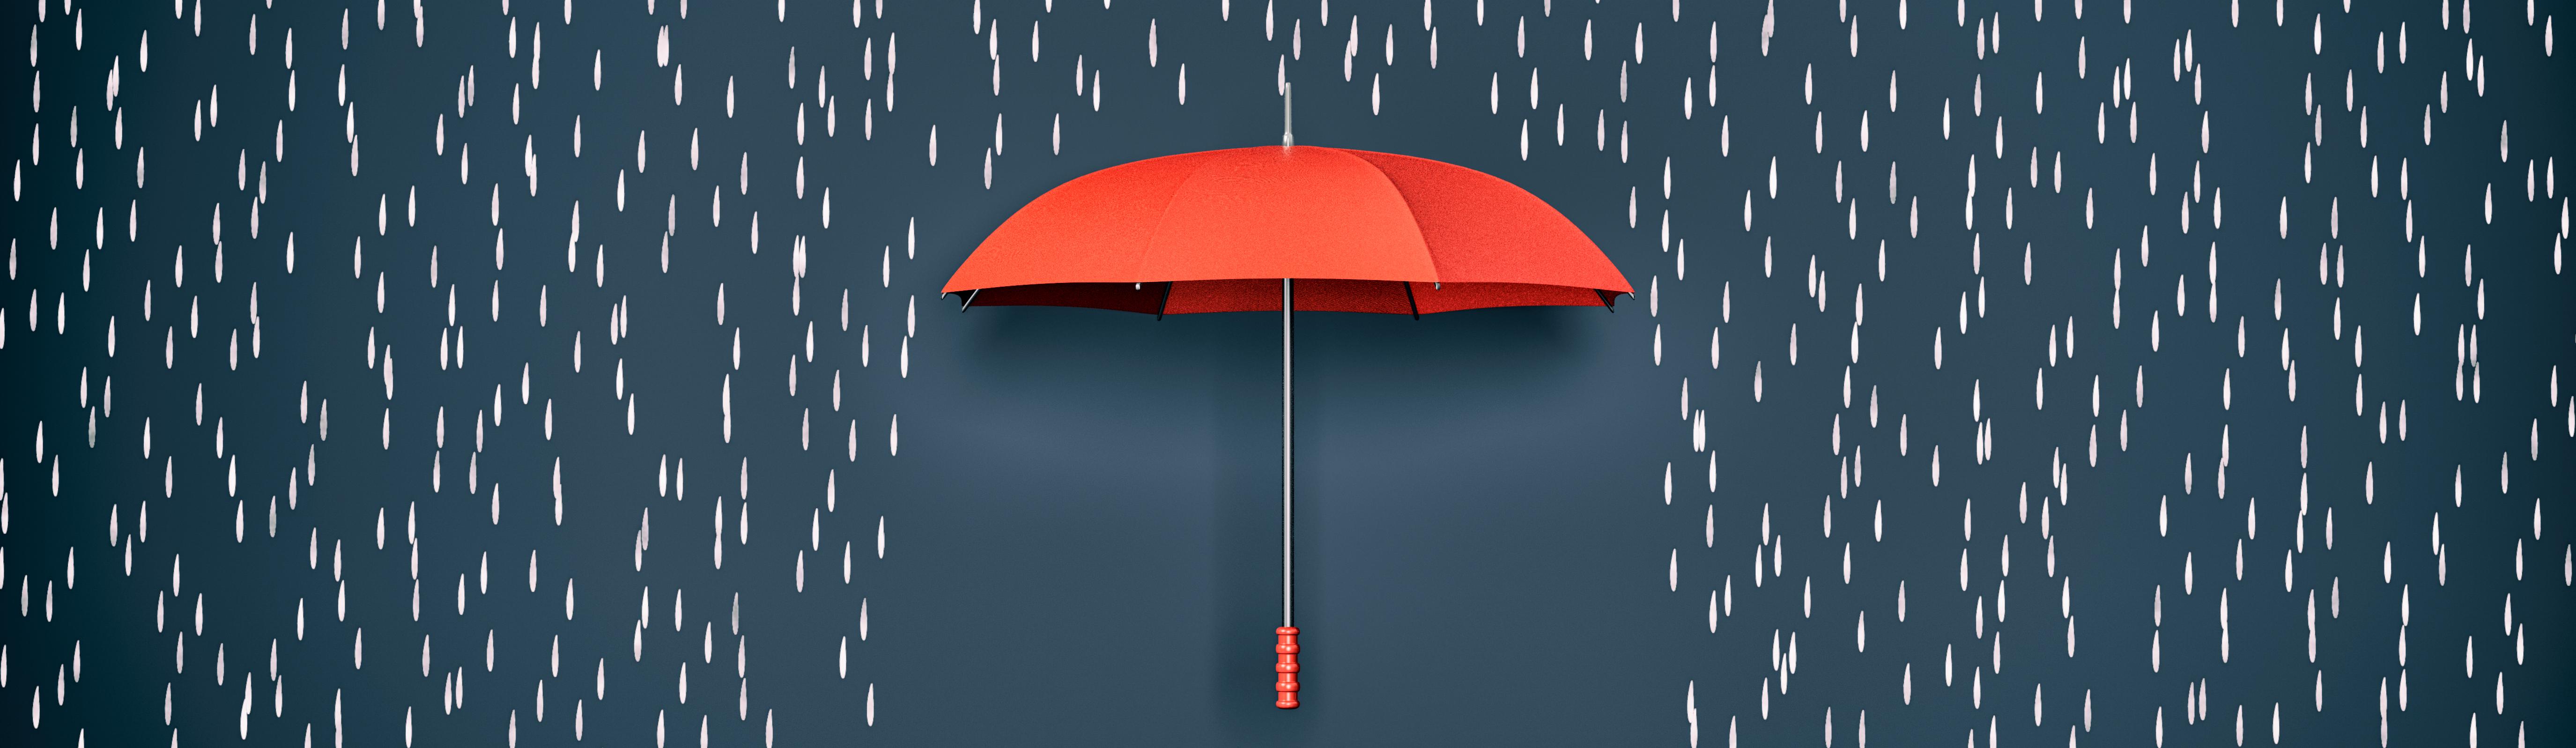 umbrella-security.png